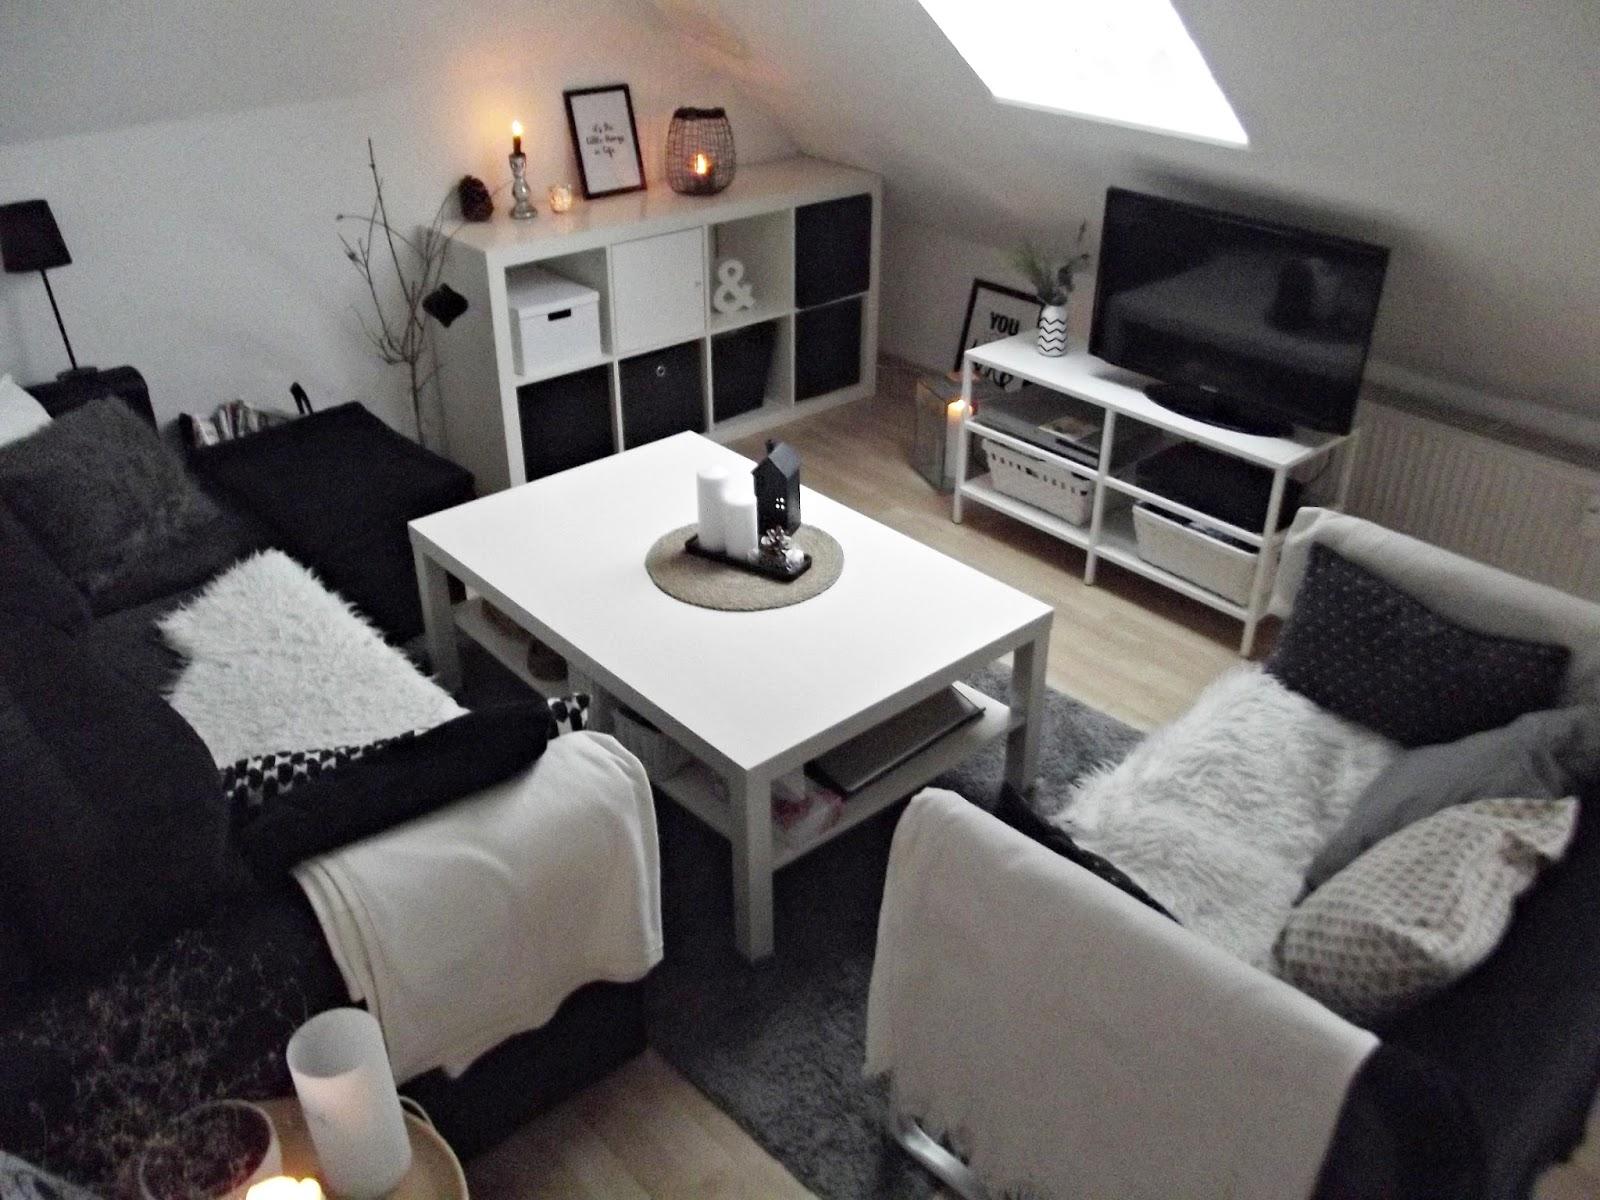 lias home: mein wohnzimmer im winter, Attraktive mobel